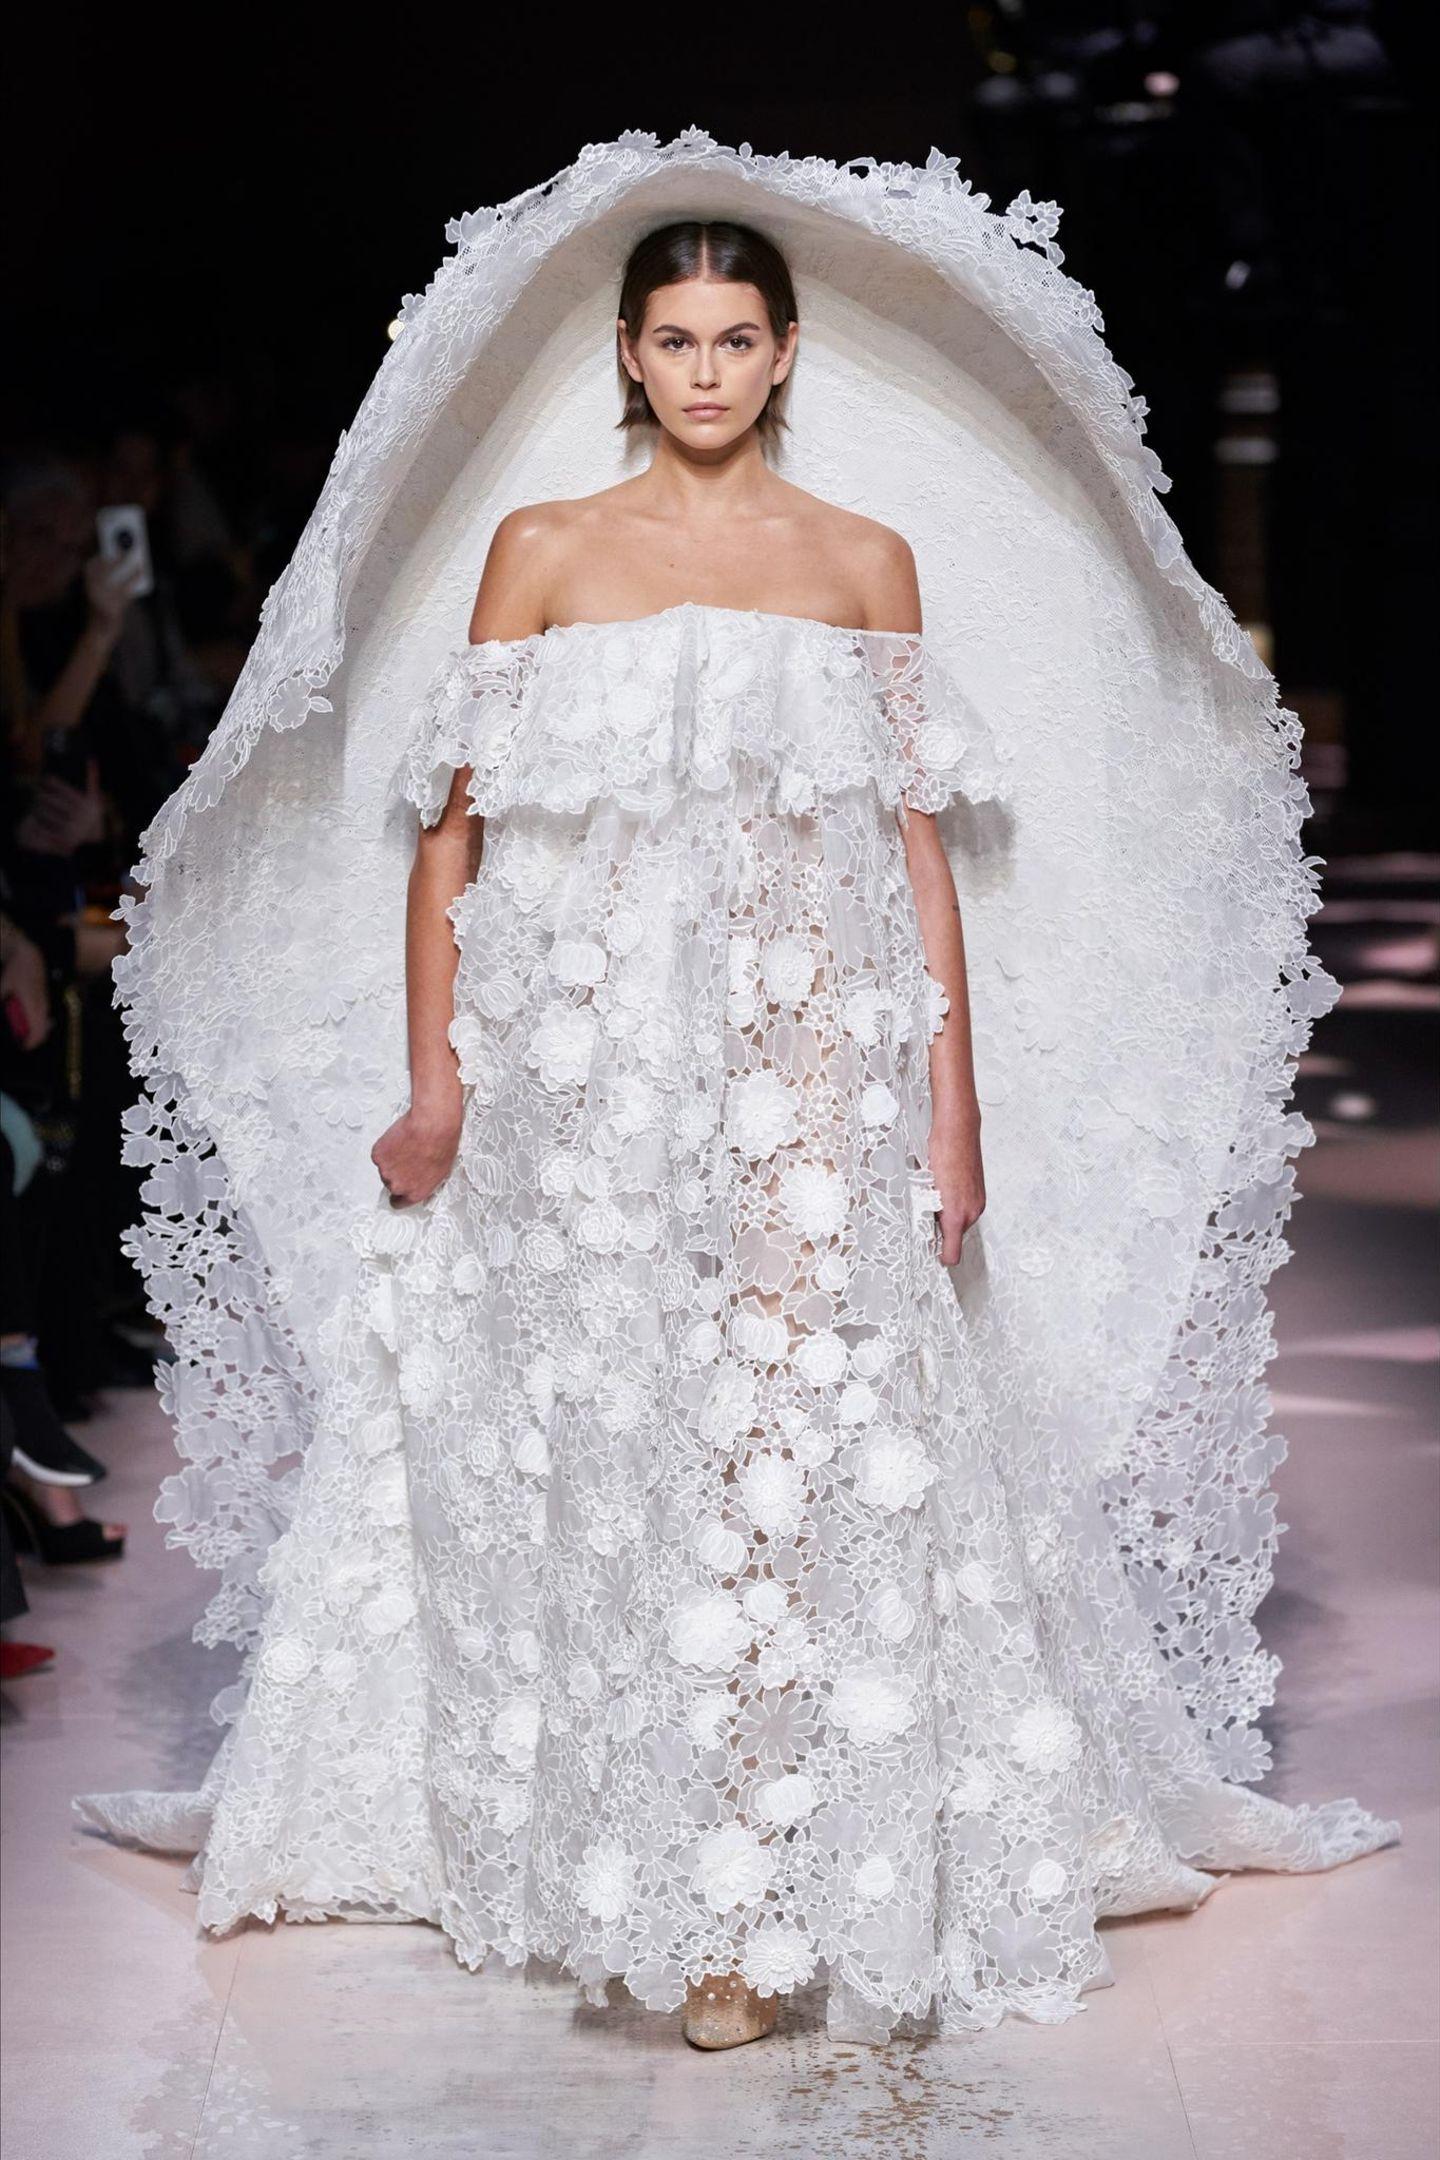 Ein ganz besonderes Highlight darf Kaia Gerber während der Haute Couture Fashion Show des Luxus-Labels Givenchy präsentieren. Zugegeben: Für das Hochzeitskleid mit Off-Shoulder-Ausschnitt,XXL-Cape und dreidimensionaler Blütenspitze muss die Braut in Spe eine Portion Mut aufbringen.